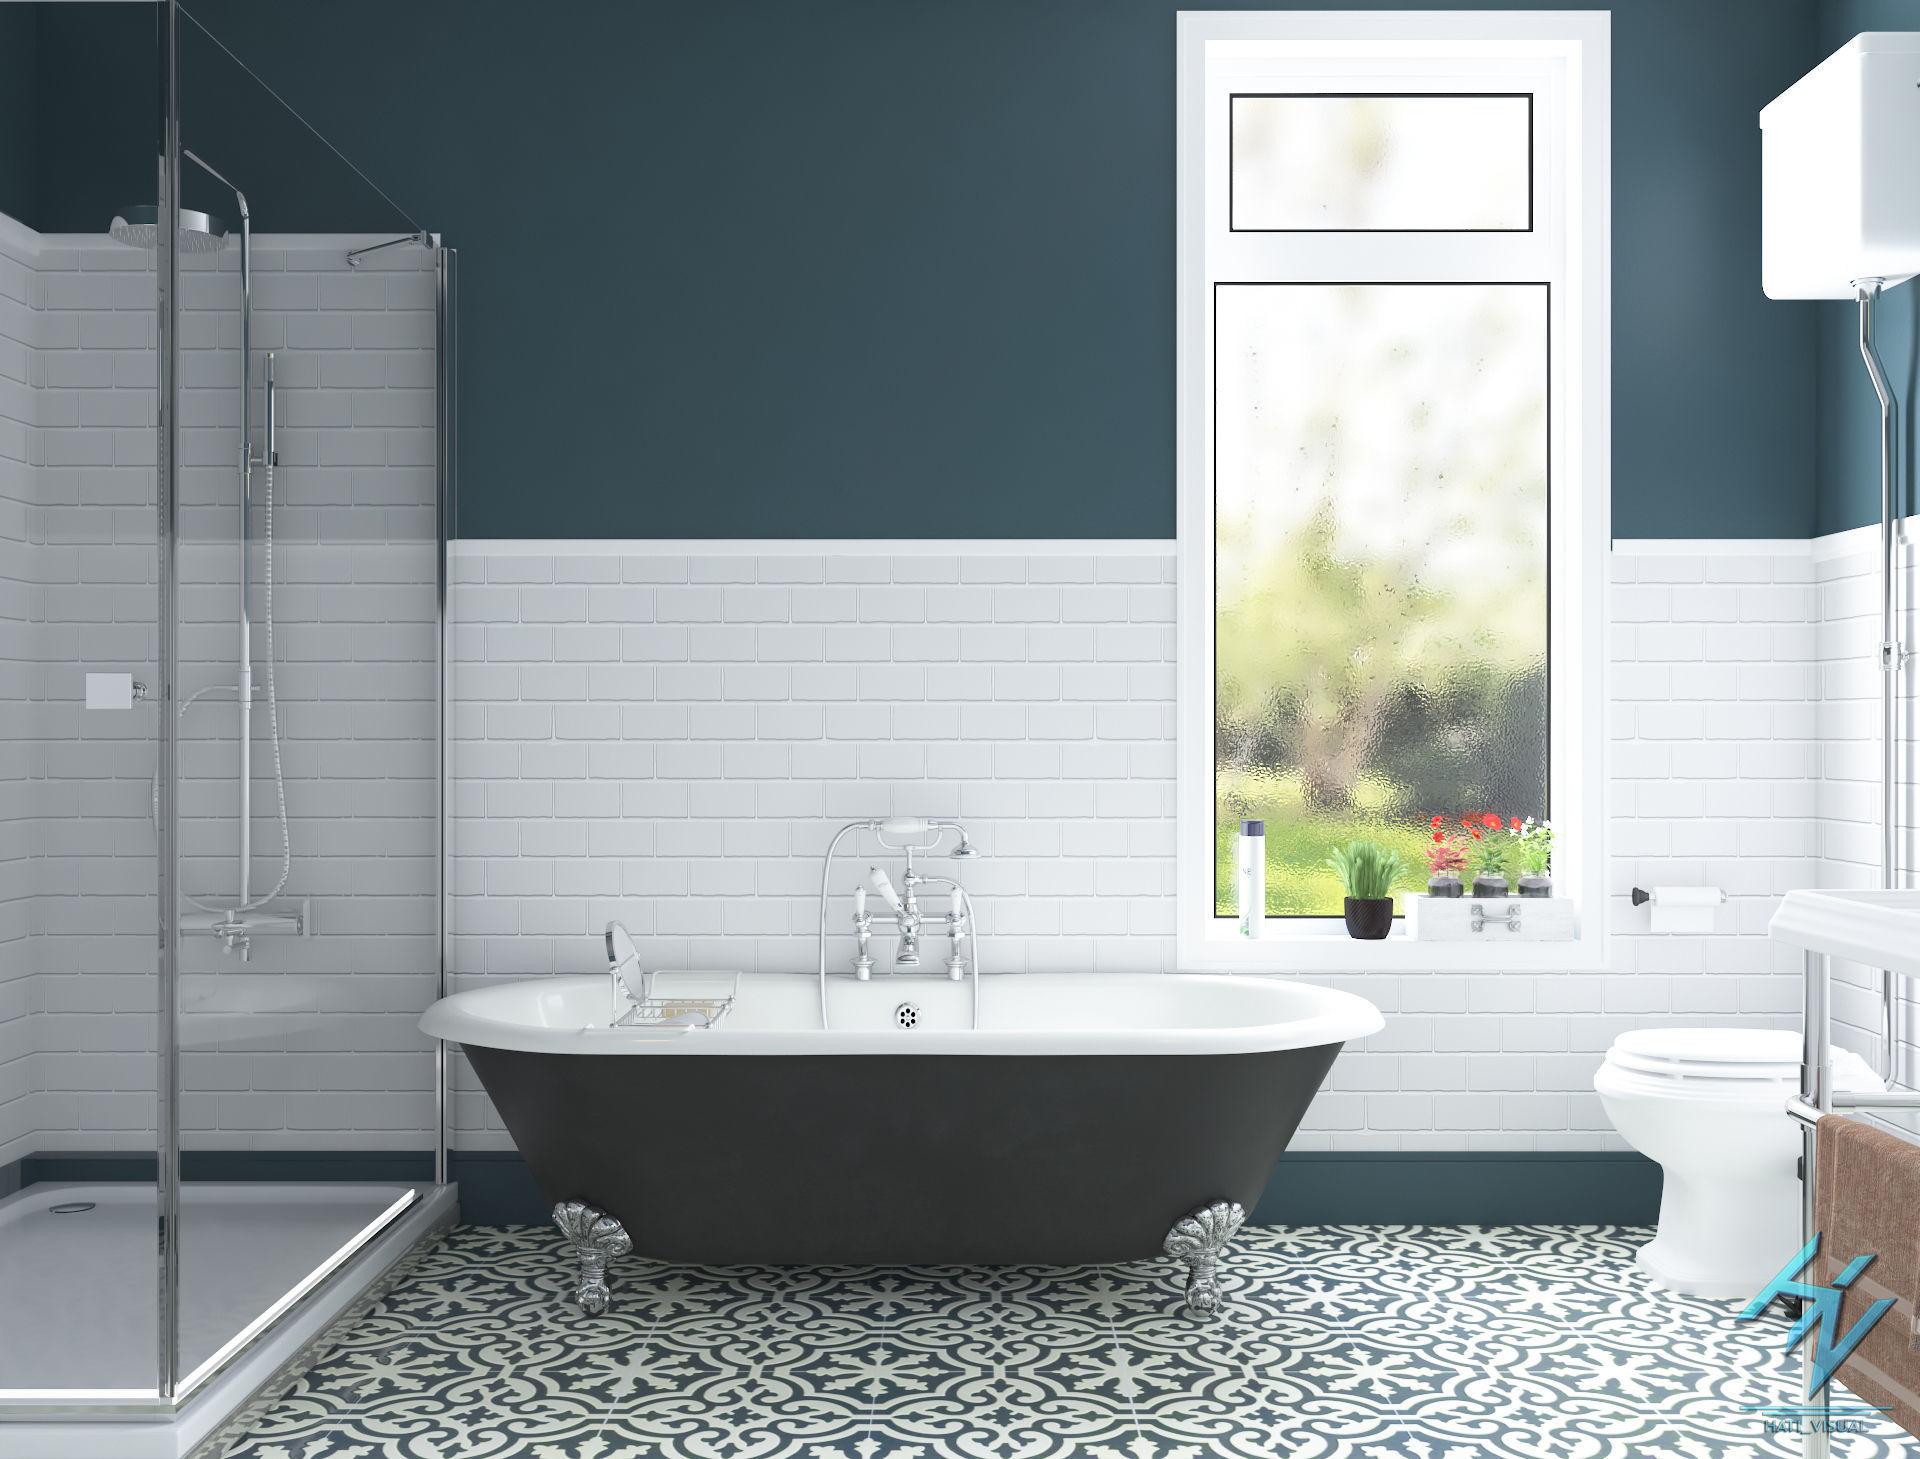 sink toilet Bathroom 3D model | CGTrader